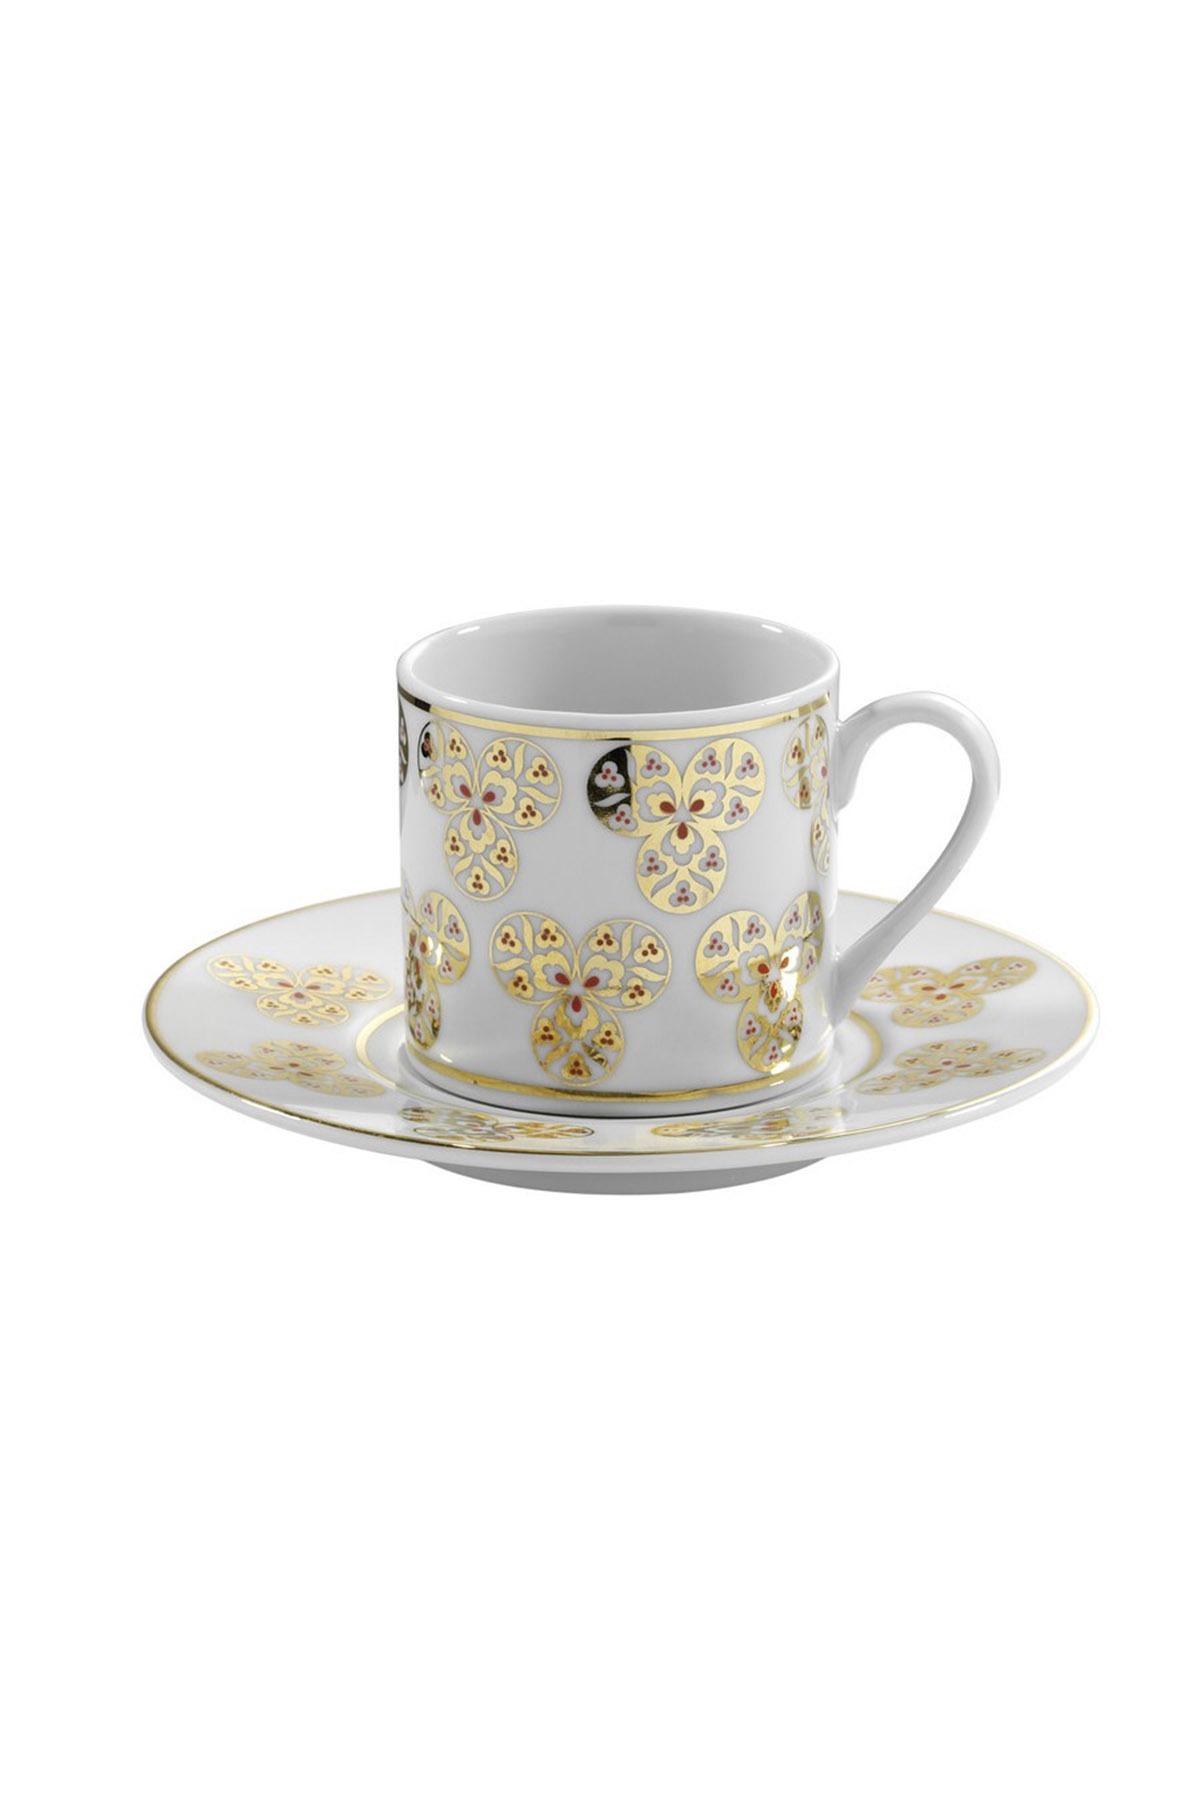 Kütahya Porselen Çintemani 9725 Desen Kahve Fincan Takımı